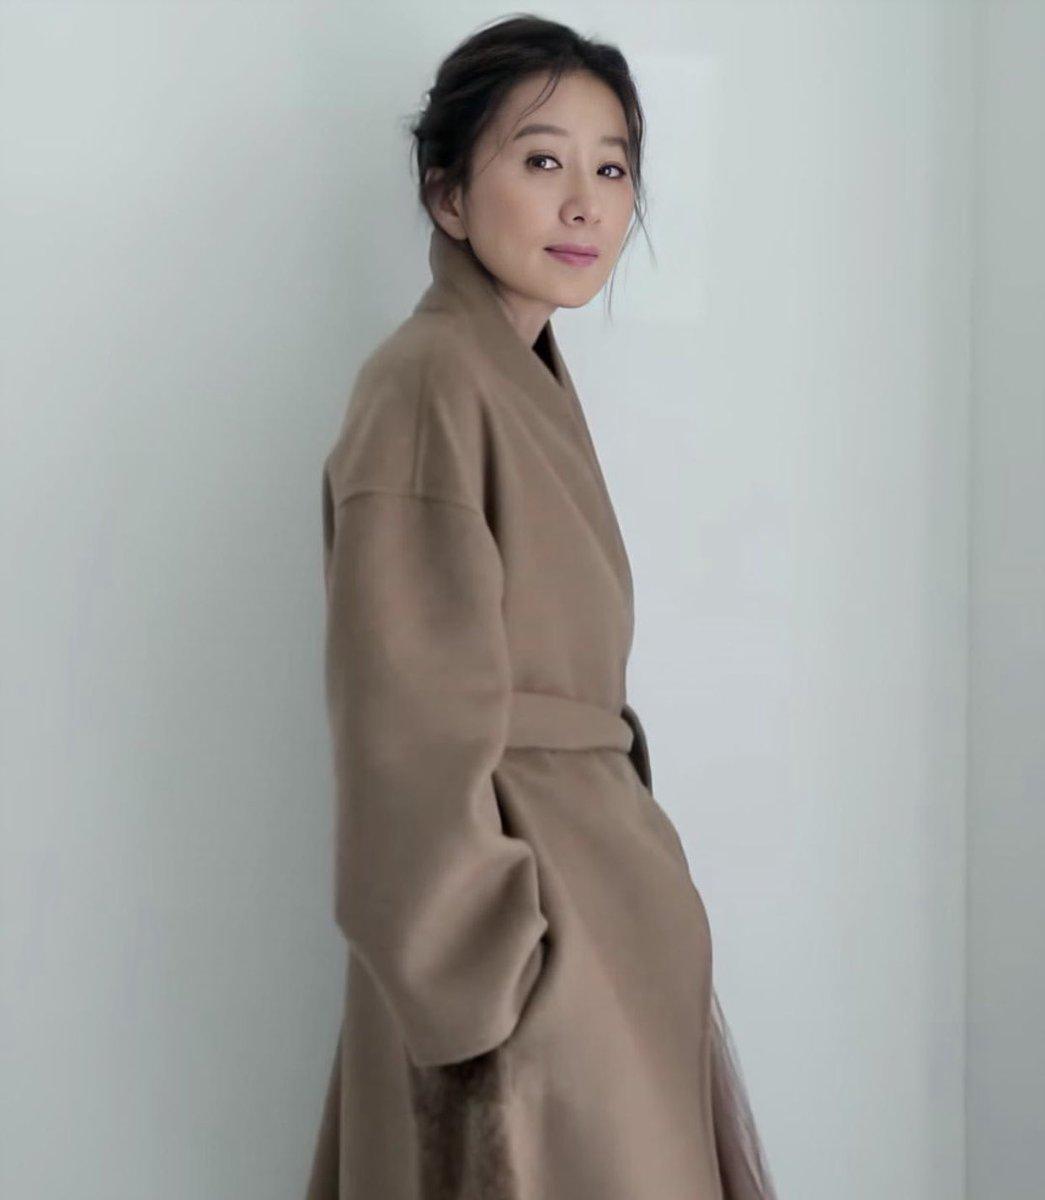 เจอเซตนี้เข้าไปนอกใจคุณเค้าไม่ได้จริงๆ   ให้คะแนนความสวยแพงดาวล้านดวงของเมน 10 ล้านดวง 🌟🌟🌟 . #김희애  #KimHeeAe #VogueKorea  #ฉันเรียกฮีเอว่าความสุข https://t.co/UnROQIqjyj